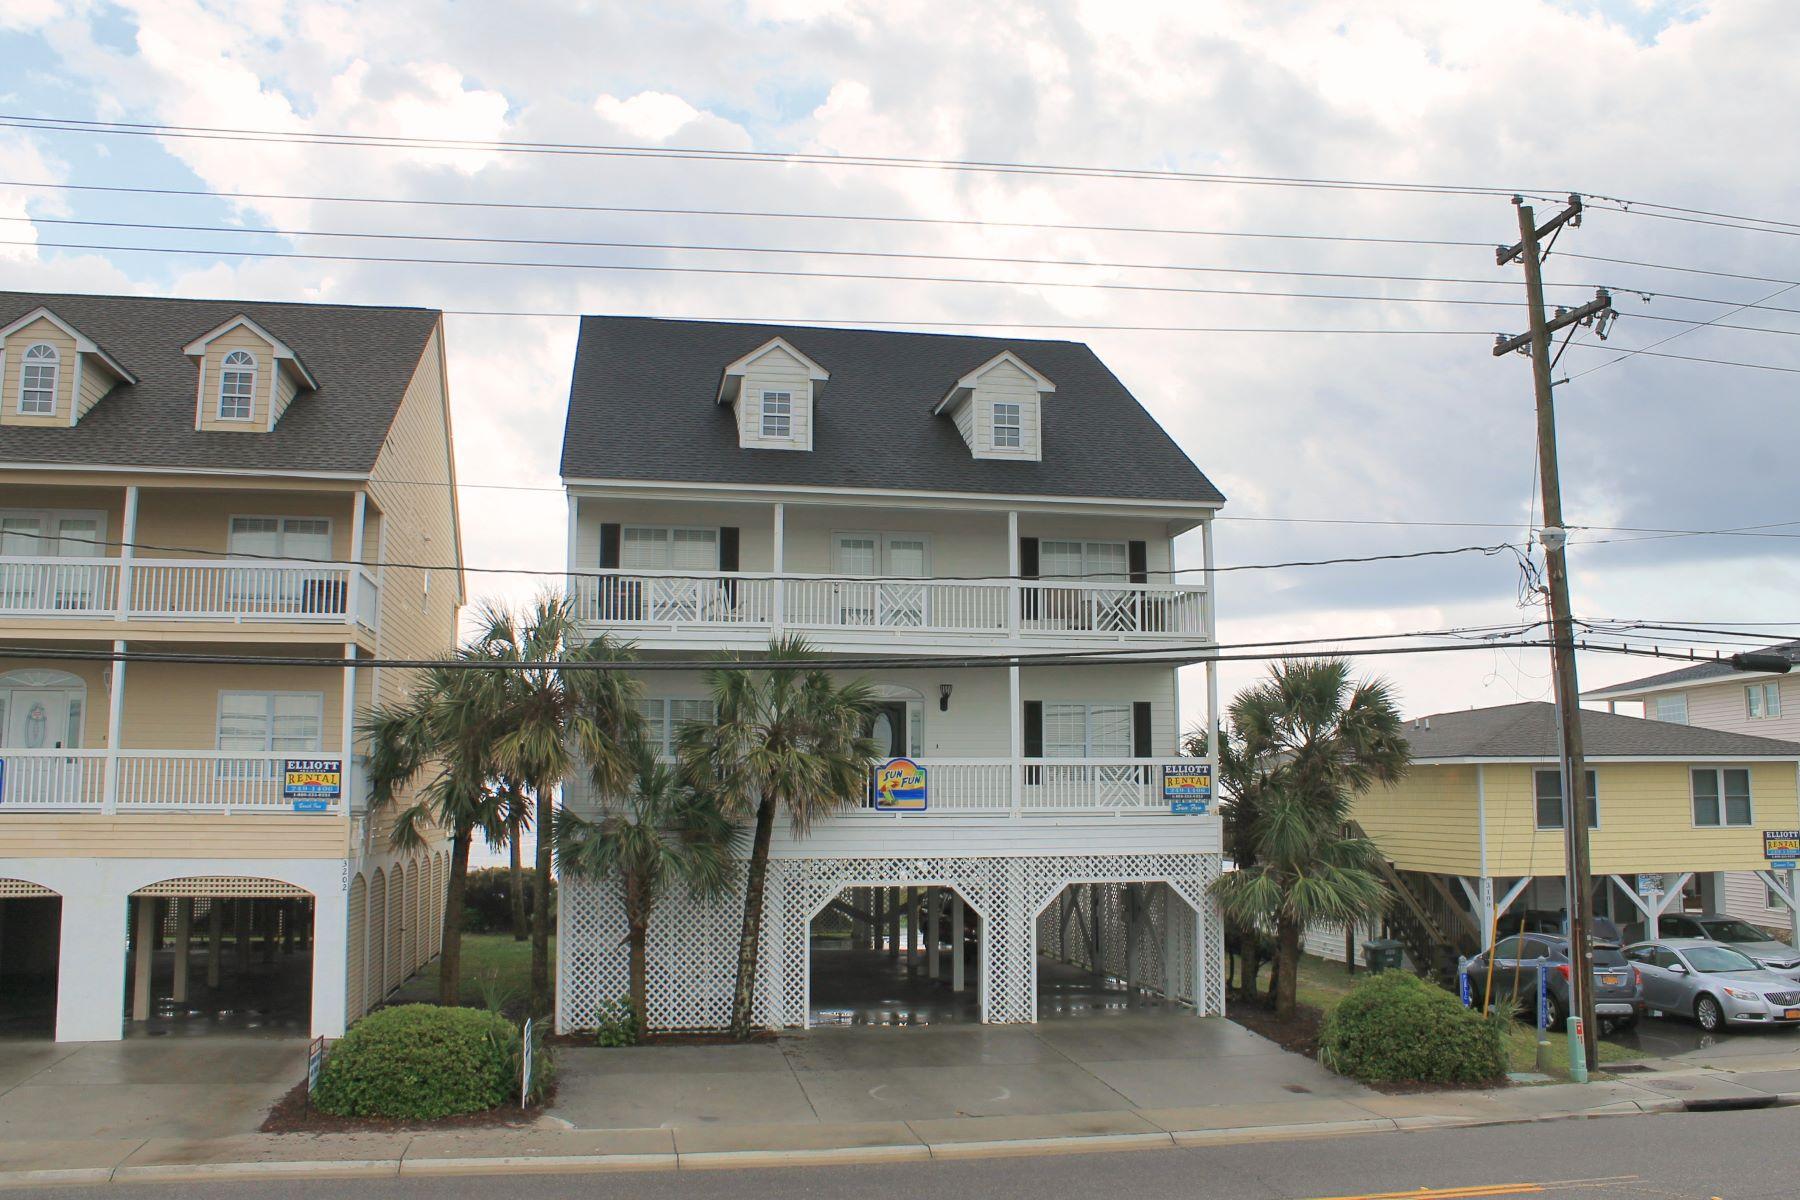 단독 가정 주택 용 매매 에 Harmonious Beachfront Home 3200 N Ocean Blvd North Myrtle Beach, 사우스캐놀라이나, 29582 미국